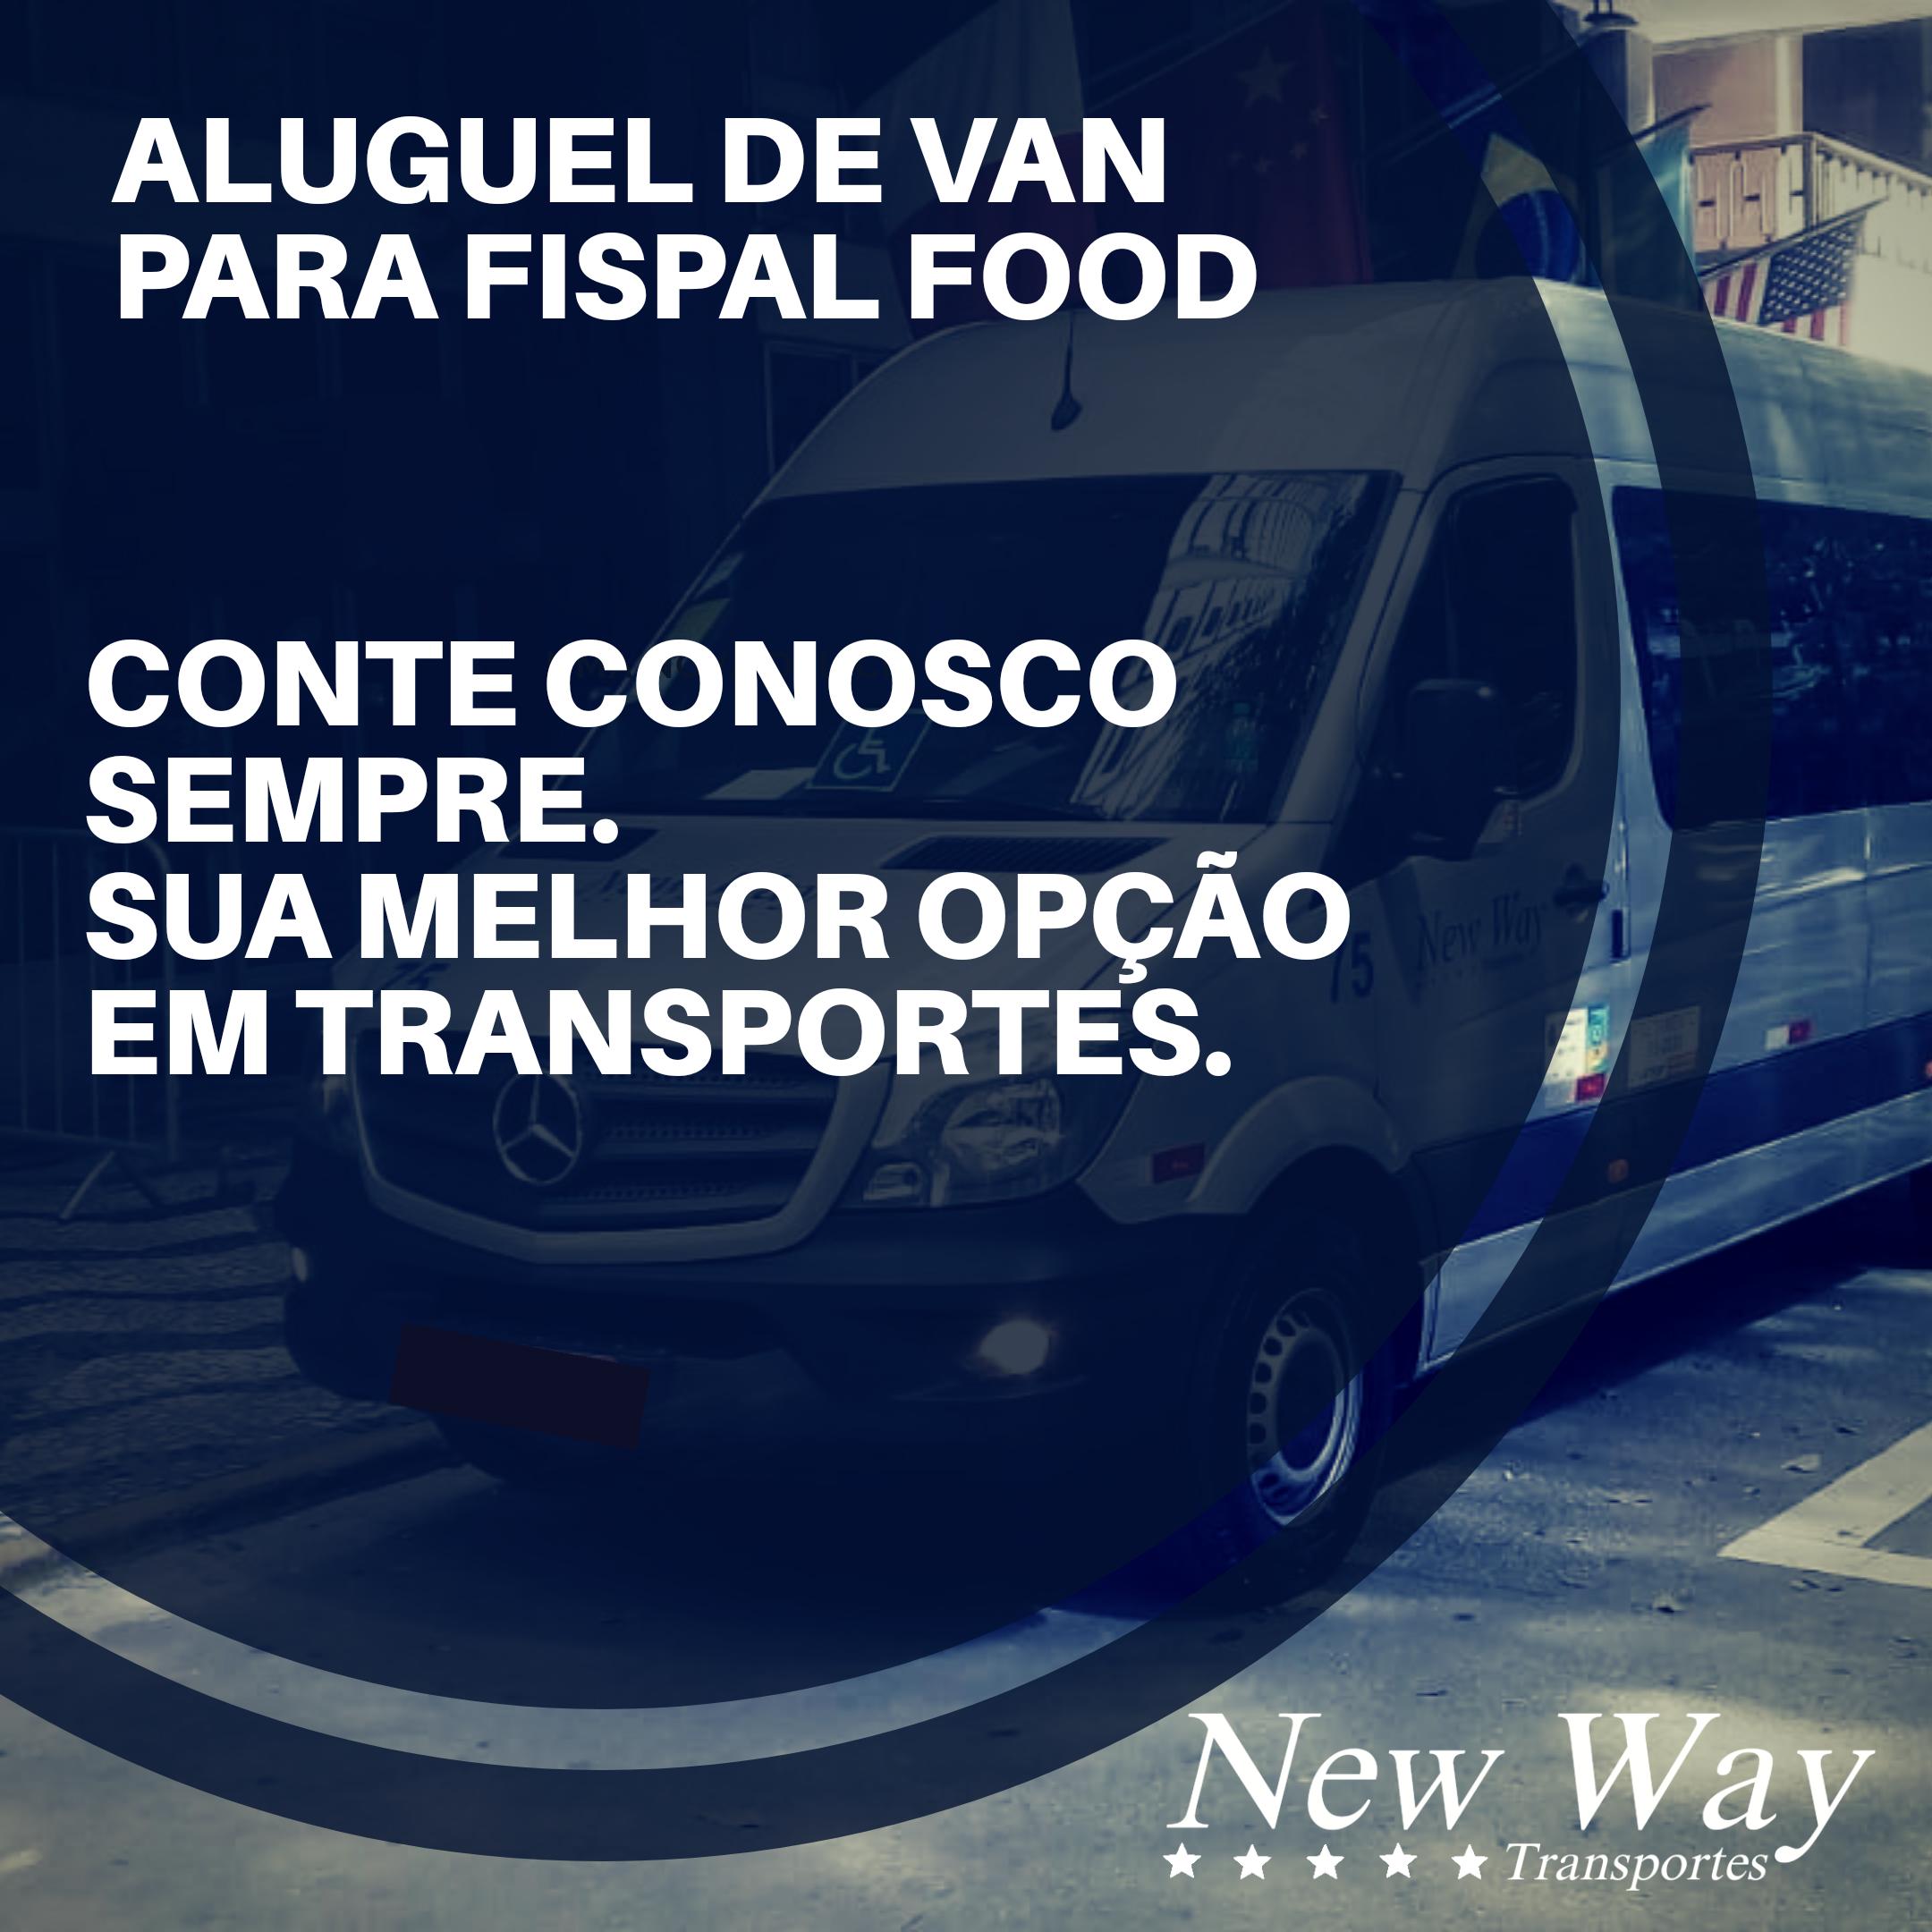 aluguel-de-vans-para-Fispal-Food